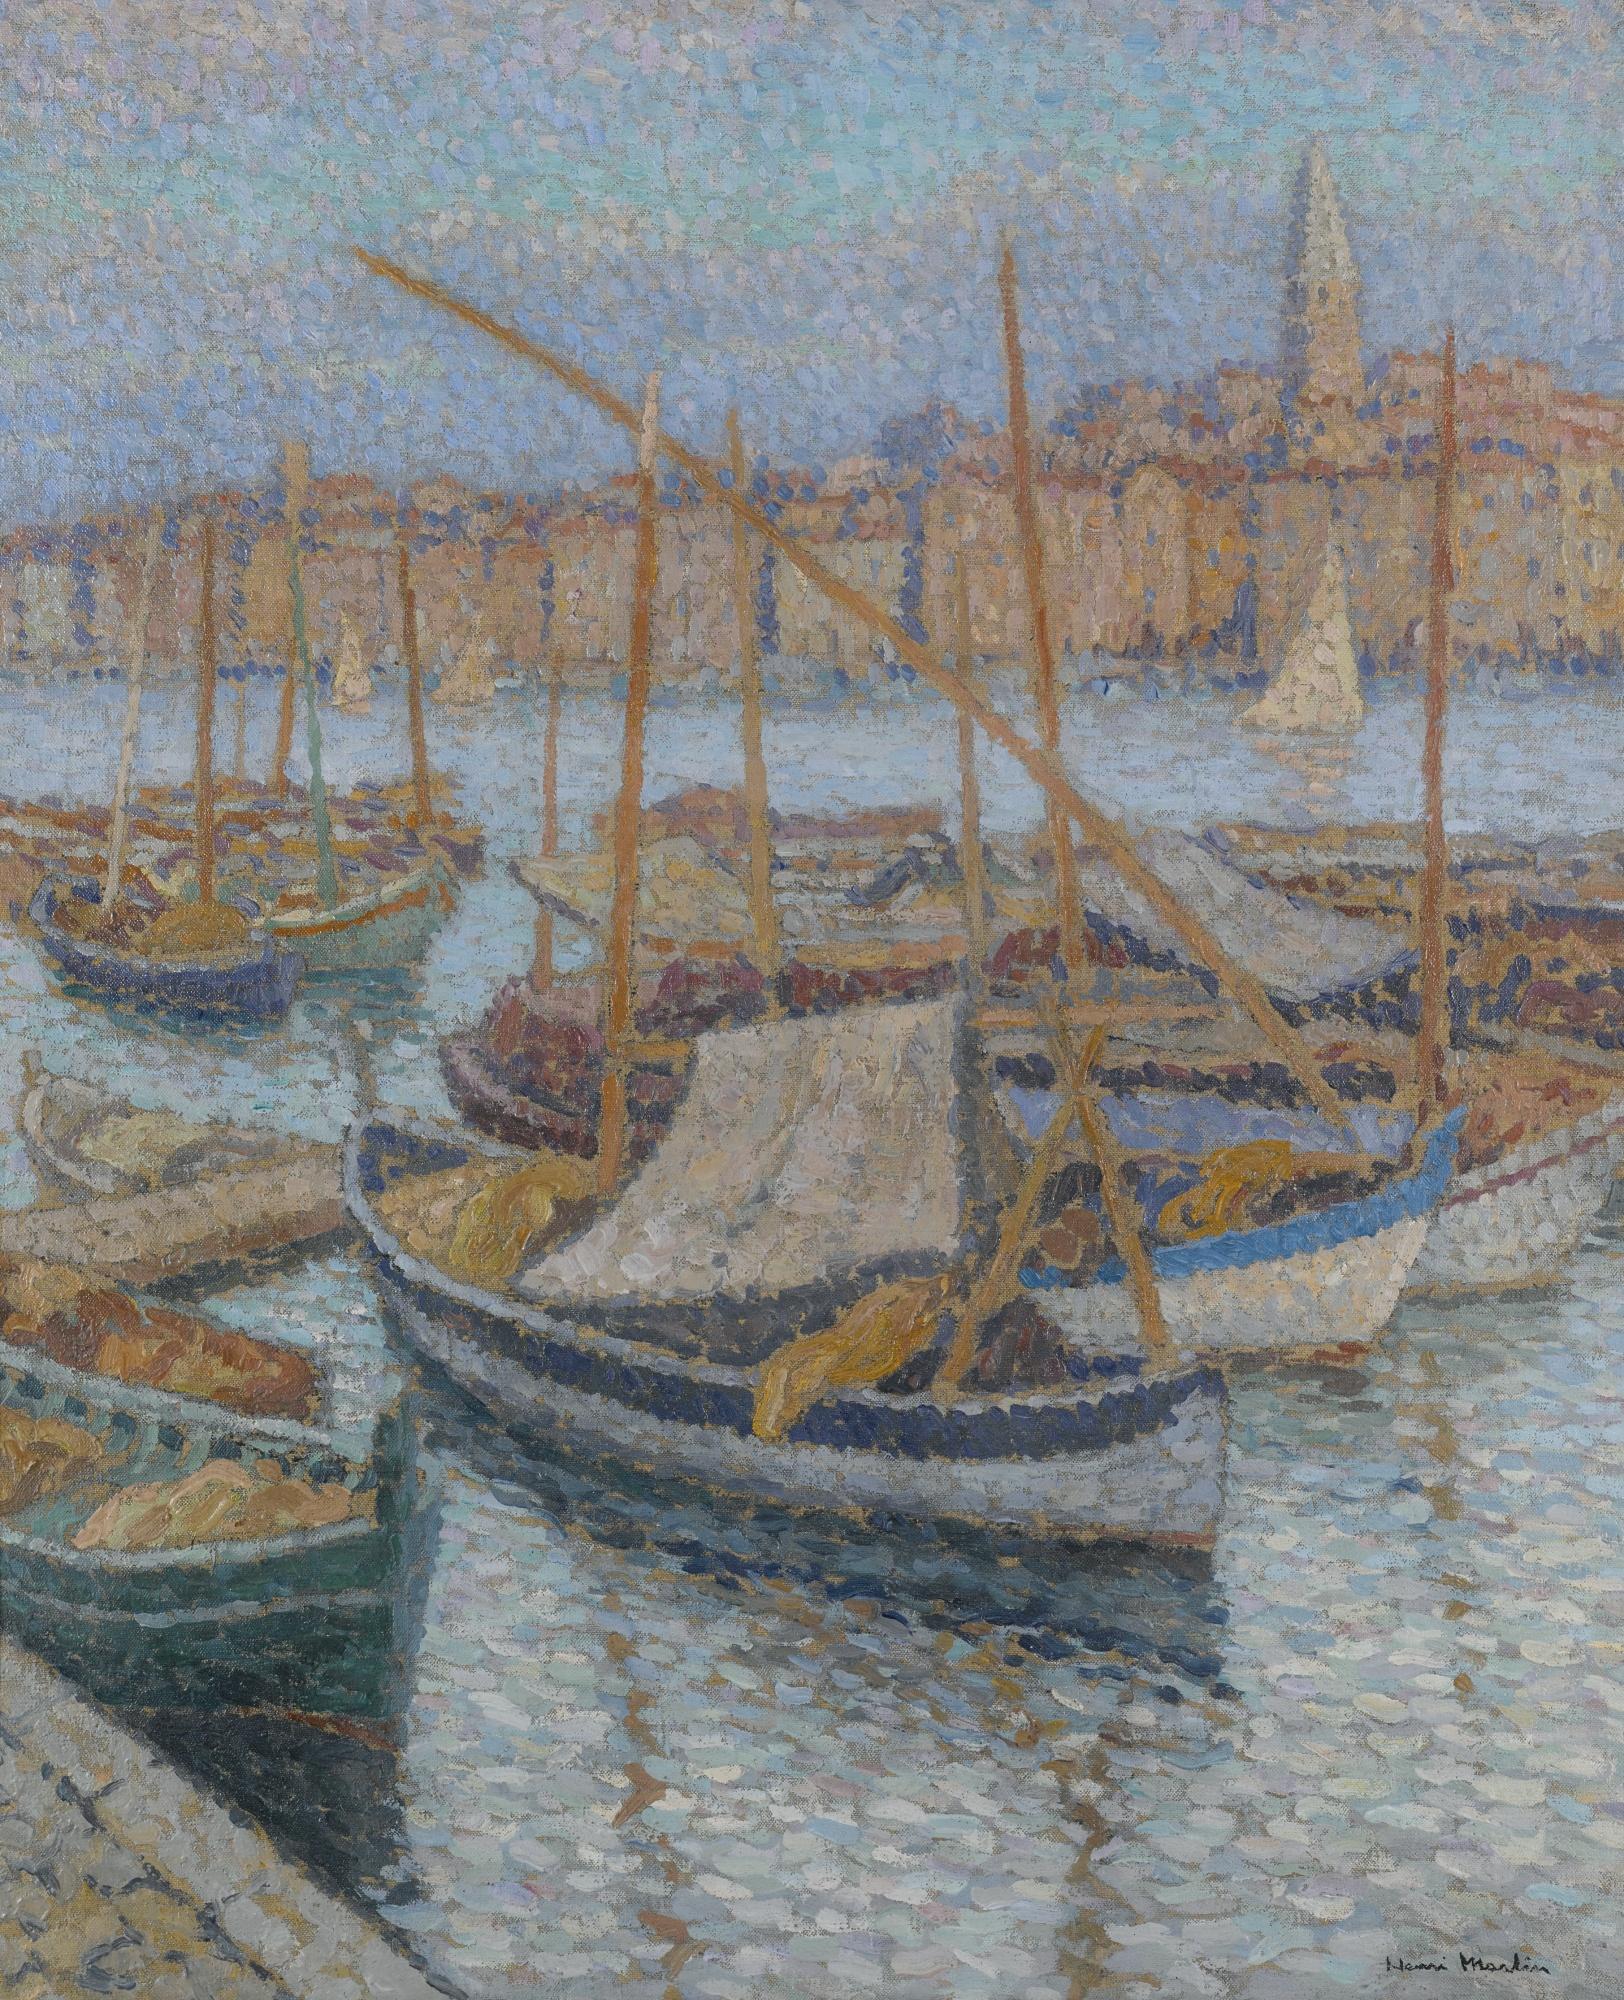 Henri Martin-Port De Marseille - Le Clocher Des Accoules-1910